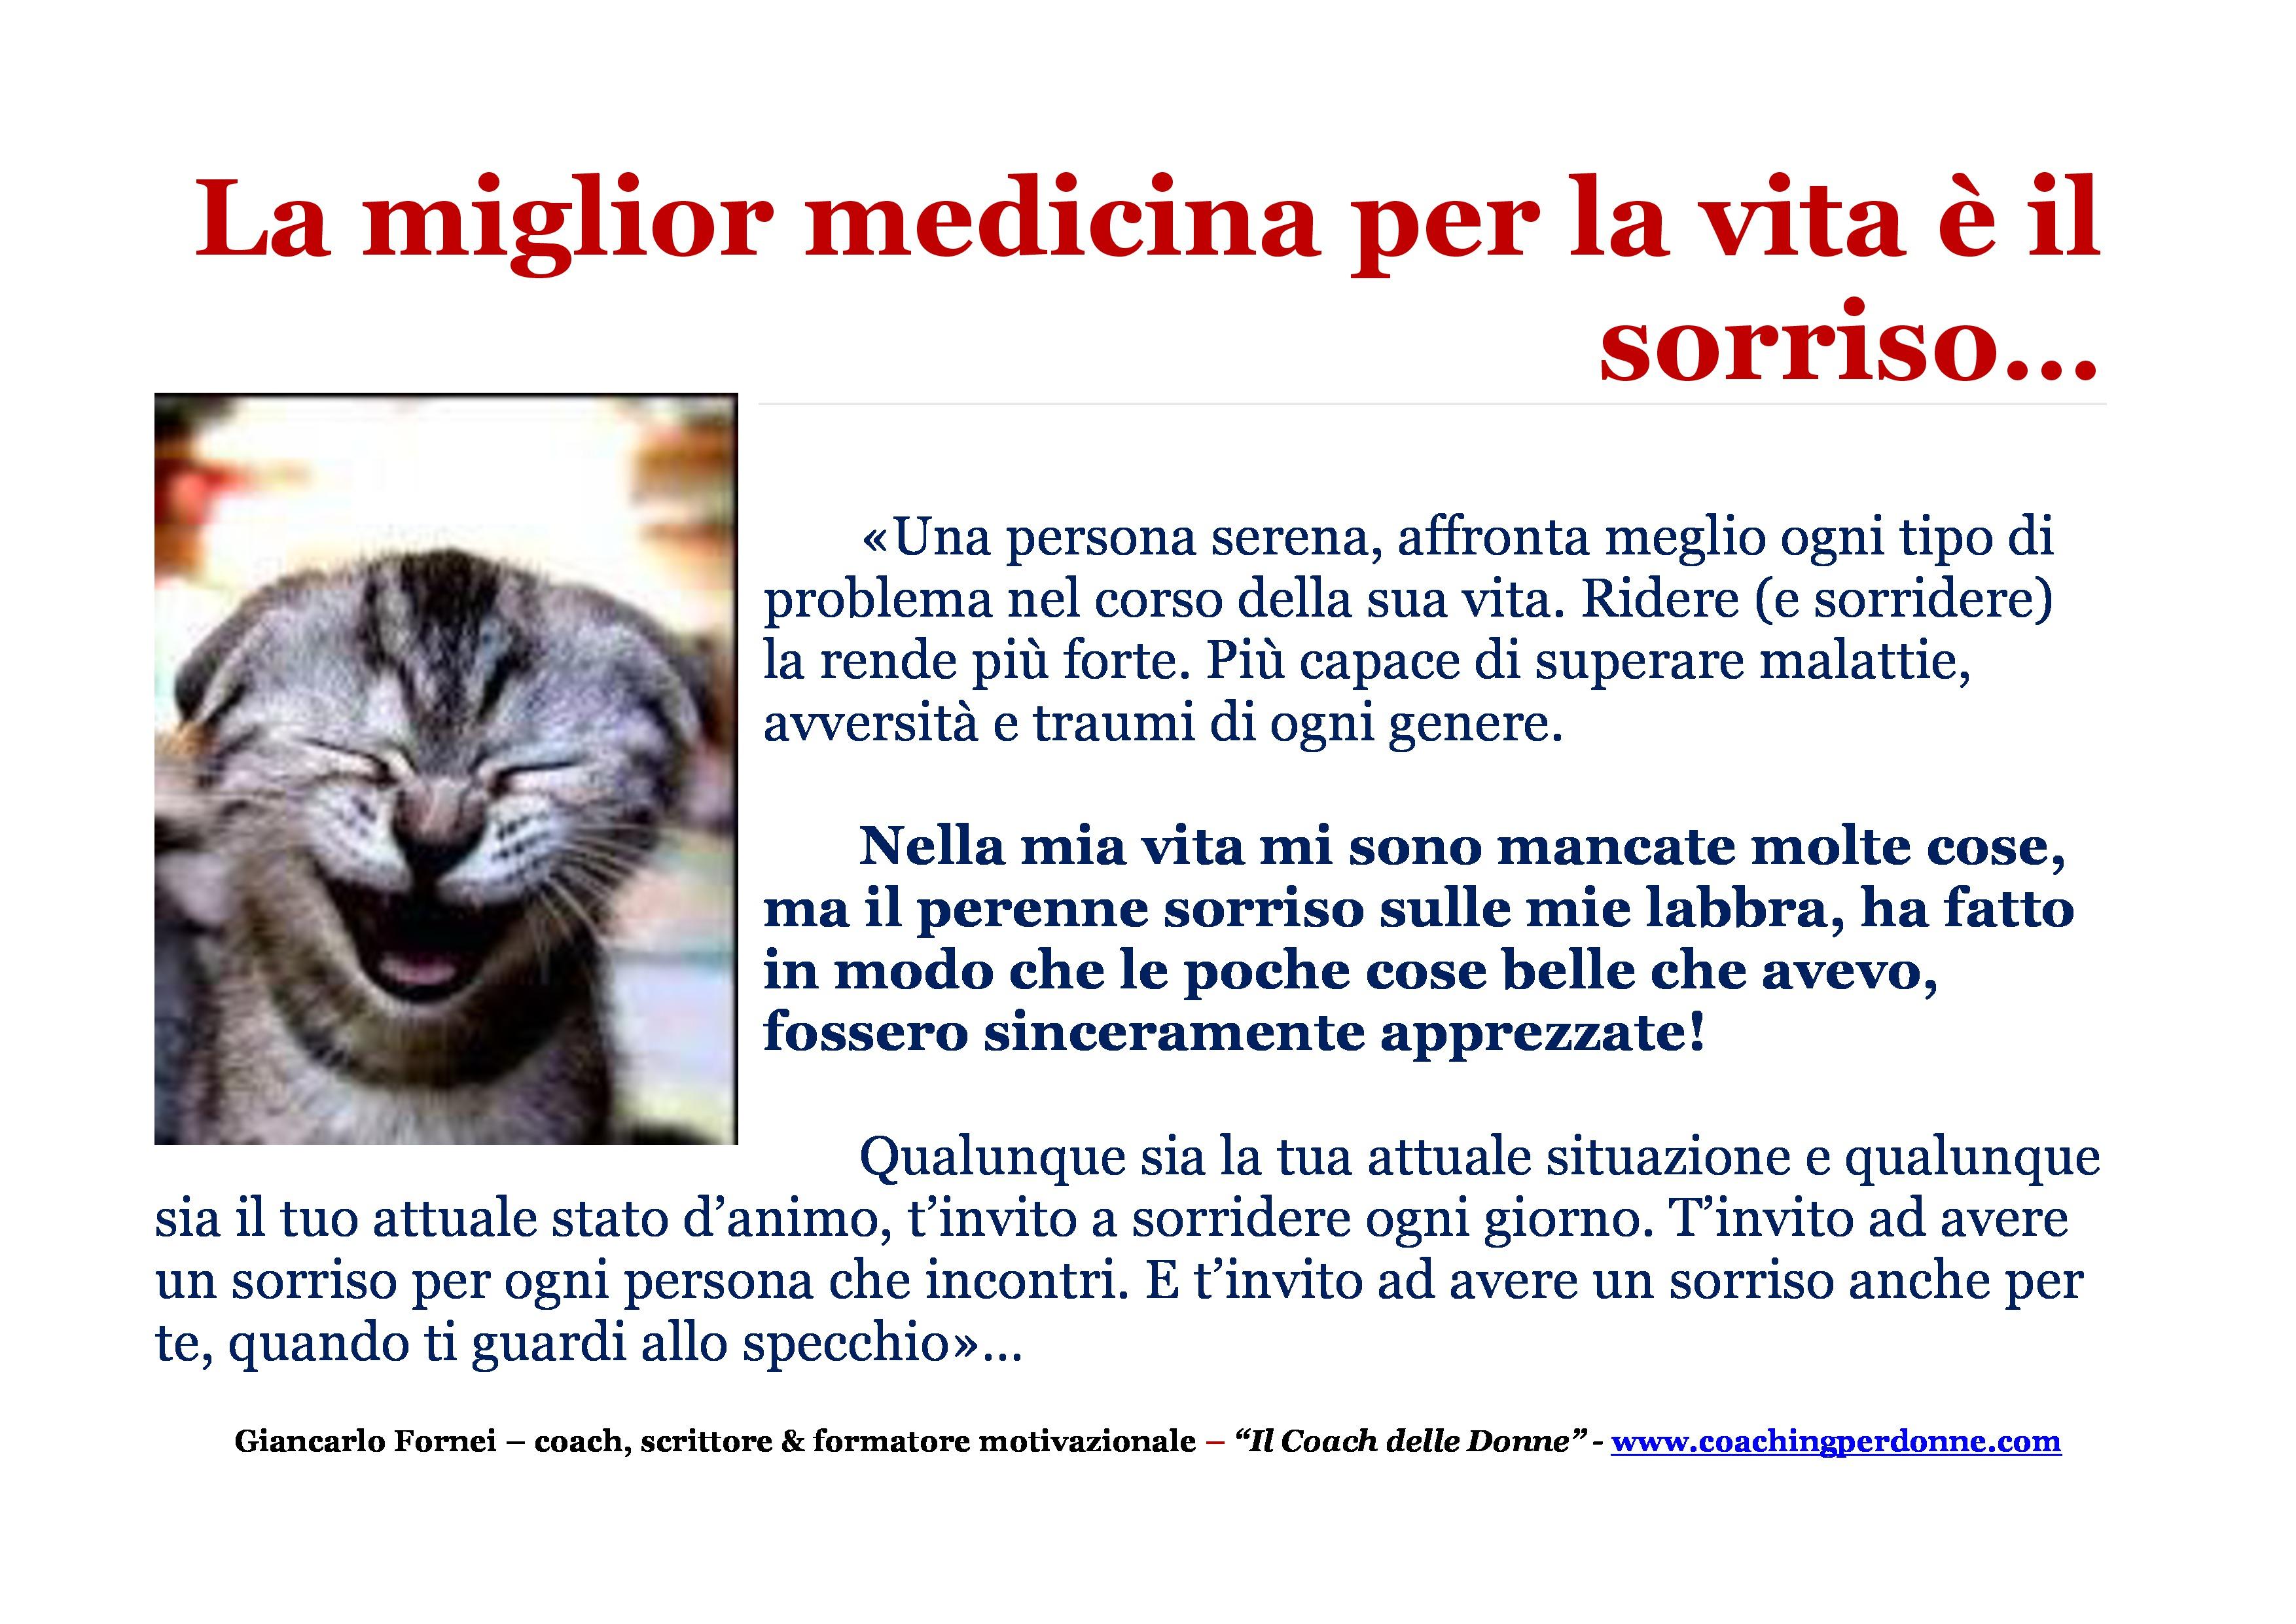 Il sorriso, una frase del coach motivazionale Giancarlo Fornei - 20 marzo 2016